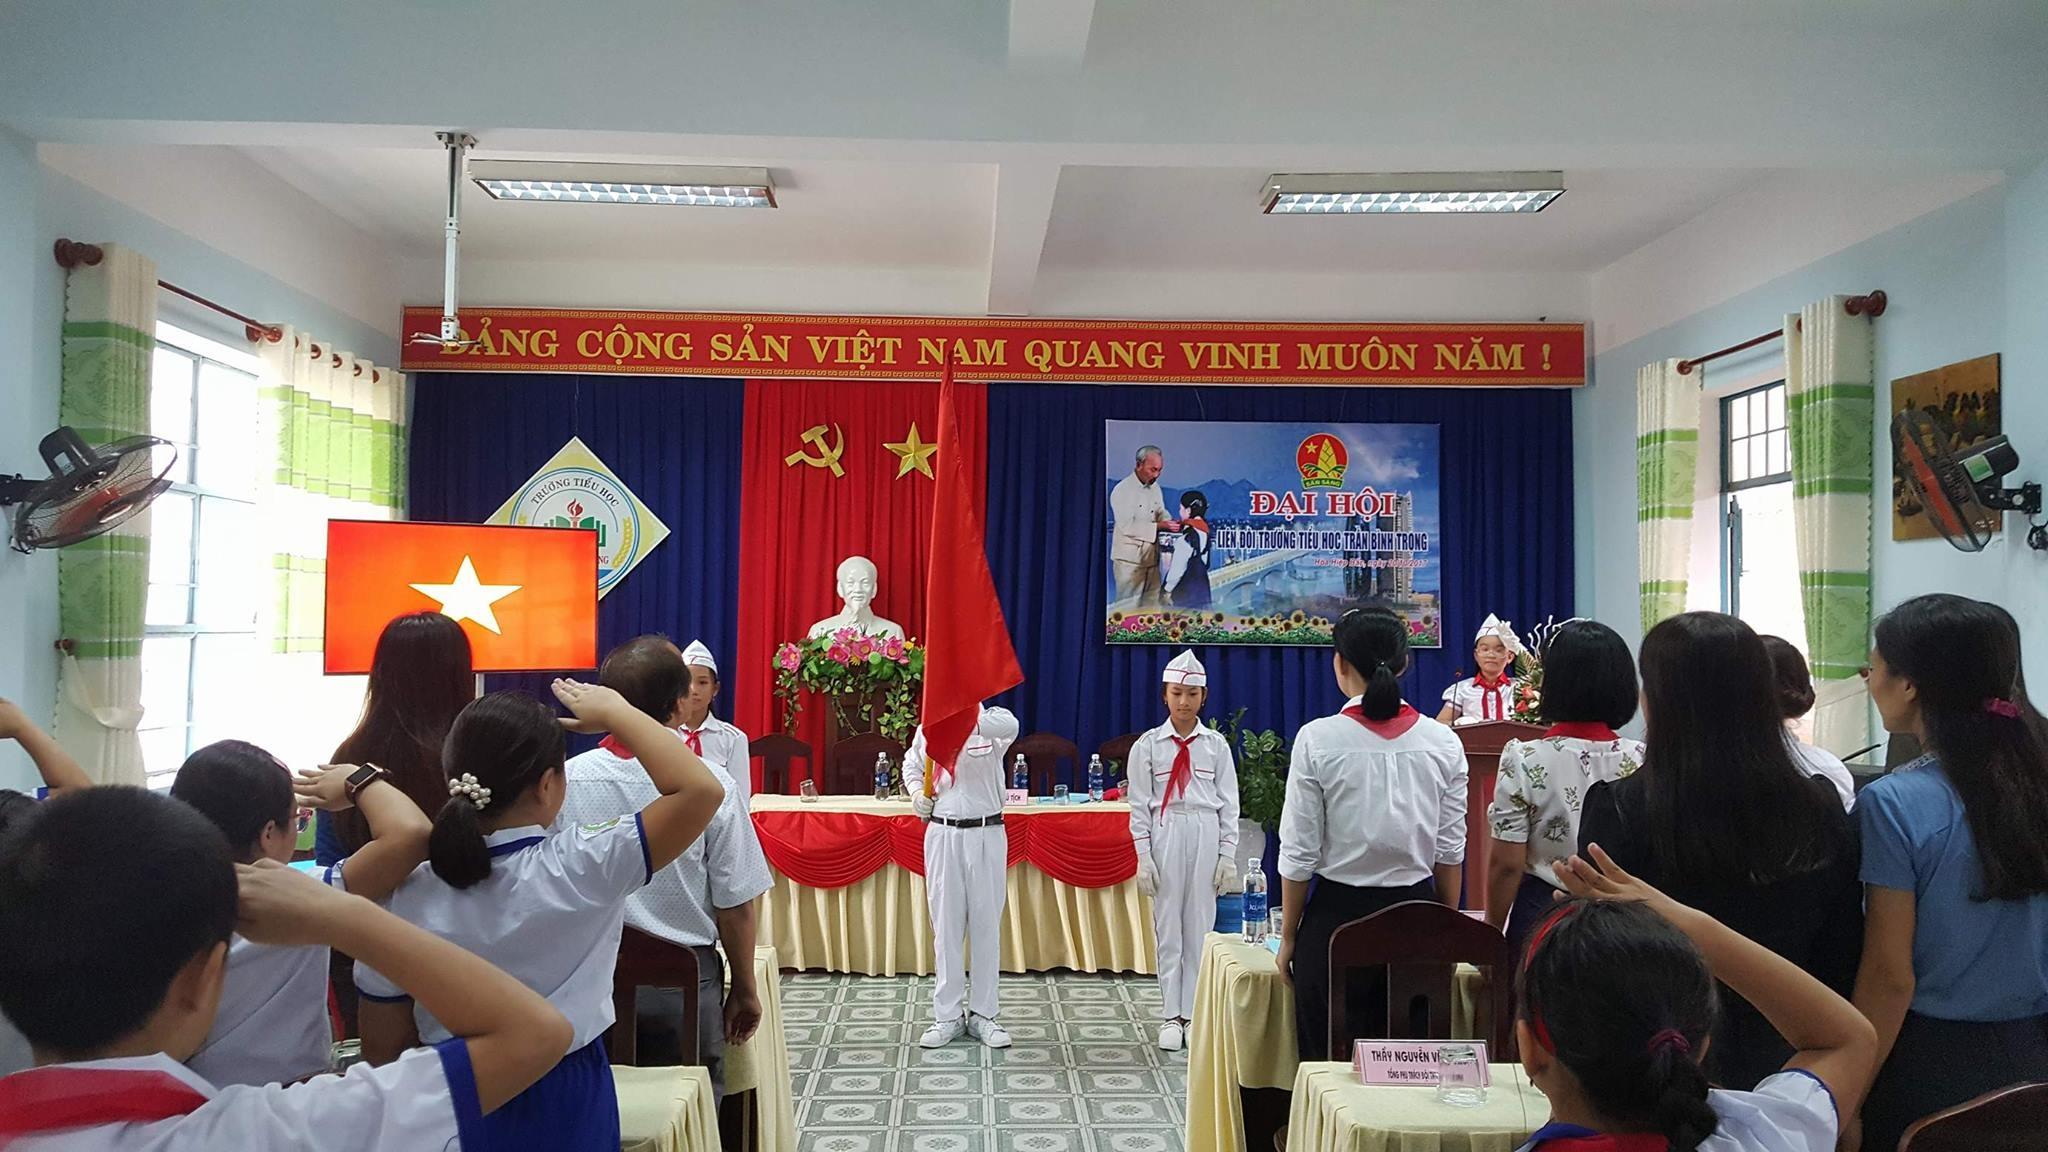 Hoạt động của Liên đội Trần Bình Trọng trong học kỳ 1 năm học 2017-2018